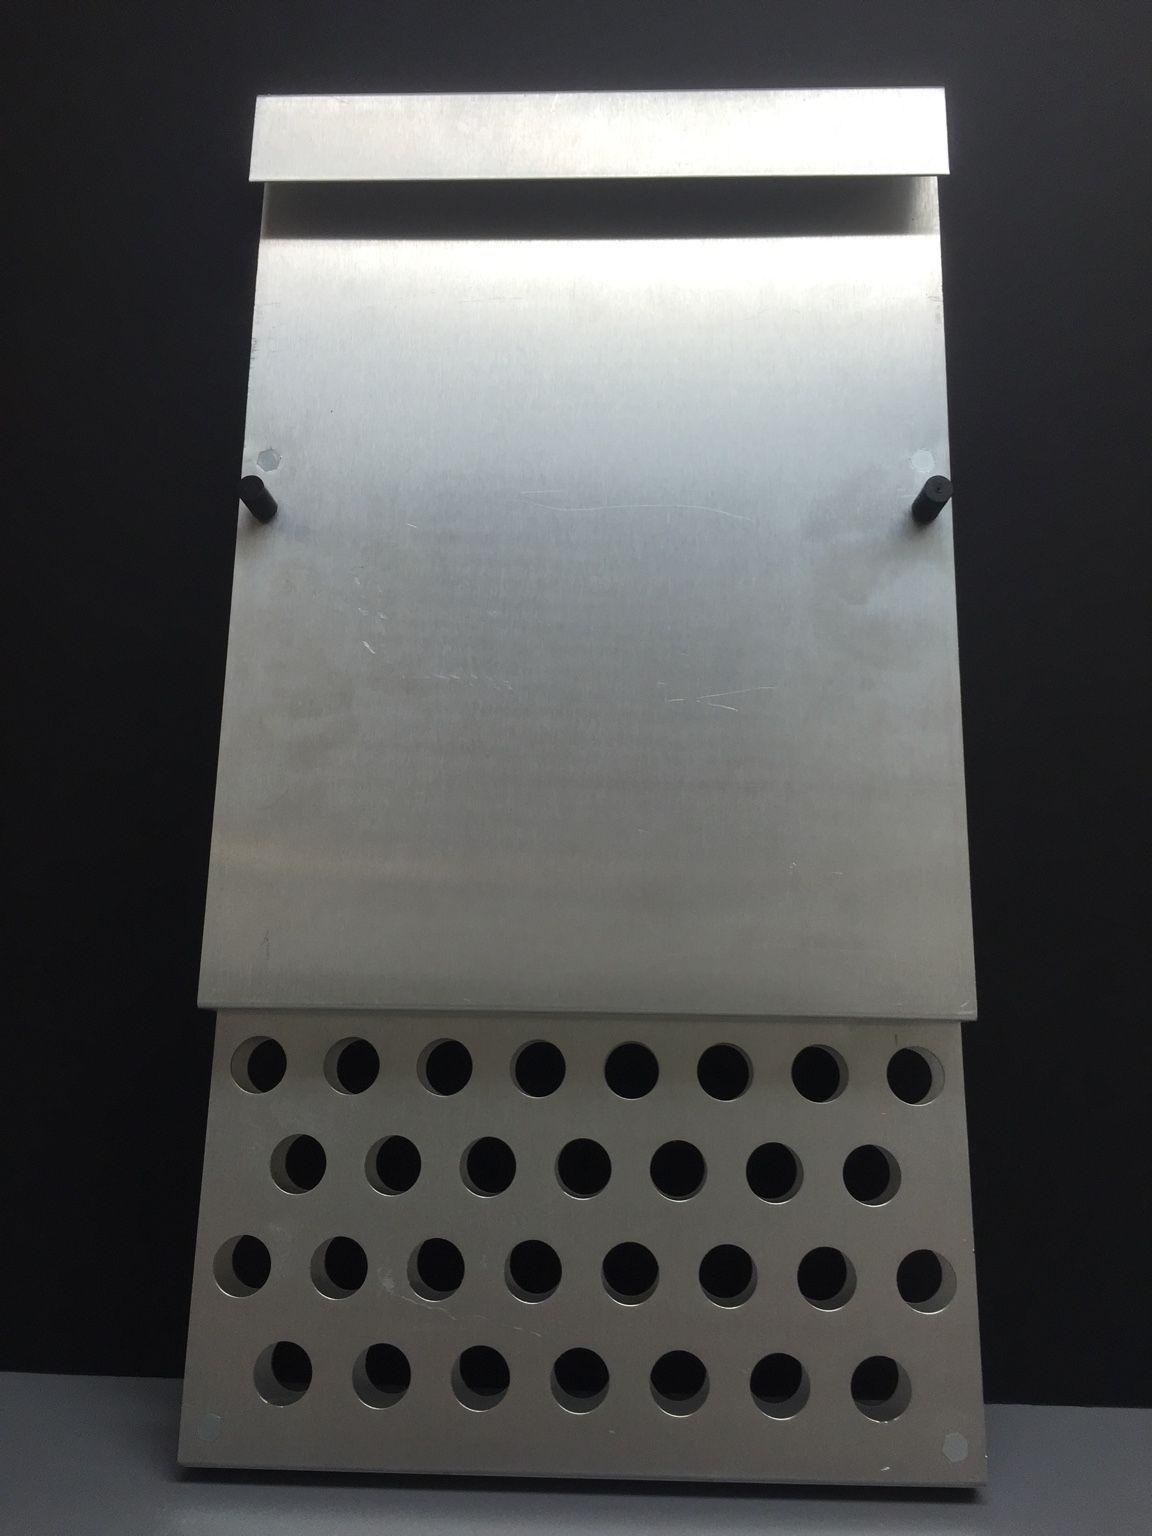 X Metal Tower Literature Rack - 3d045c5db5c102dbbf222f65076a5fd0.jpg